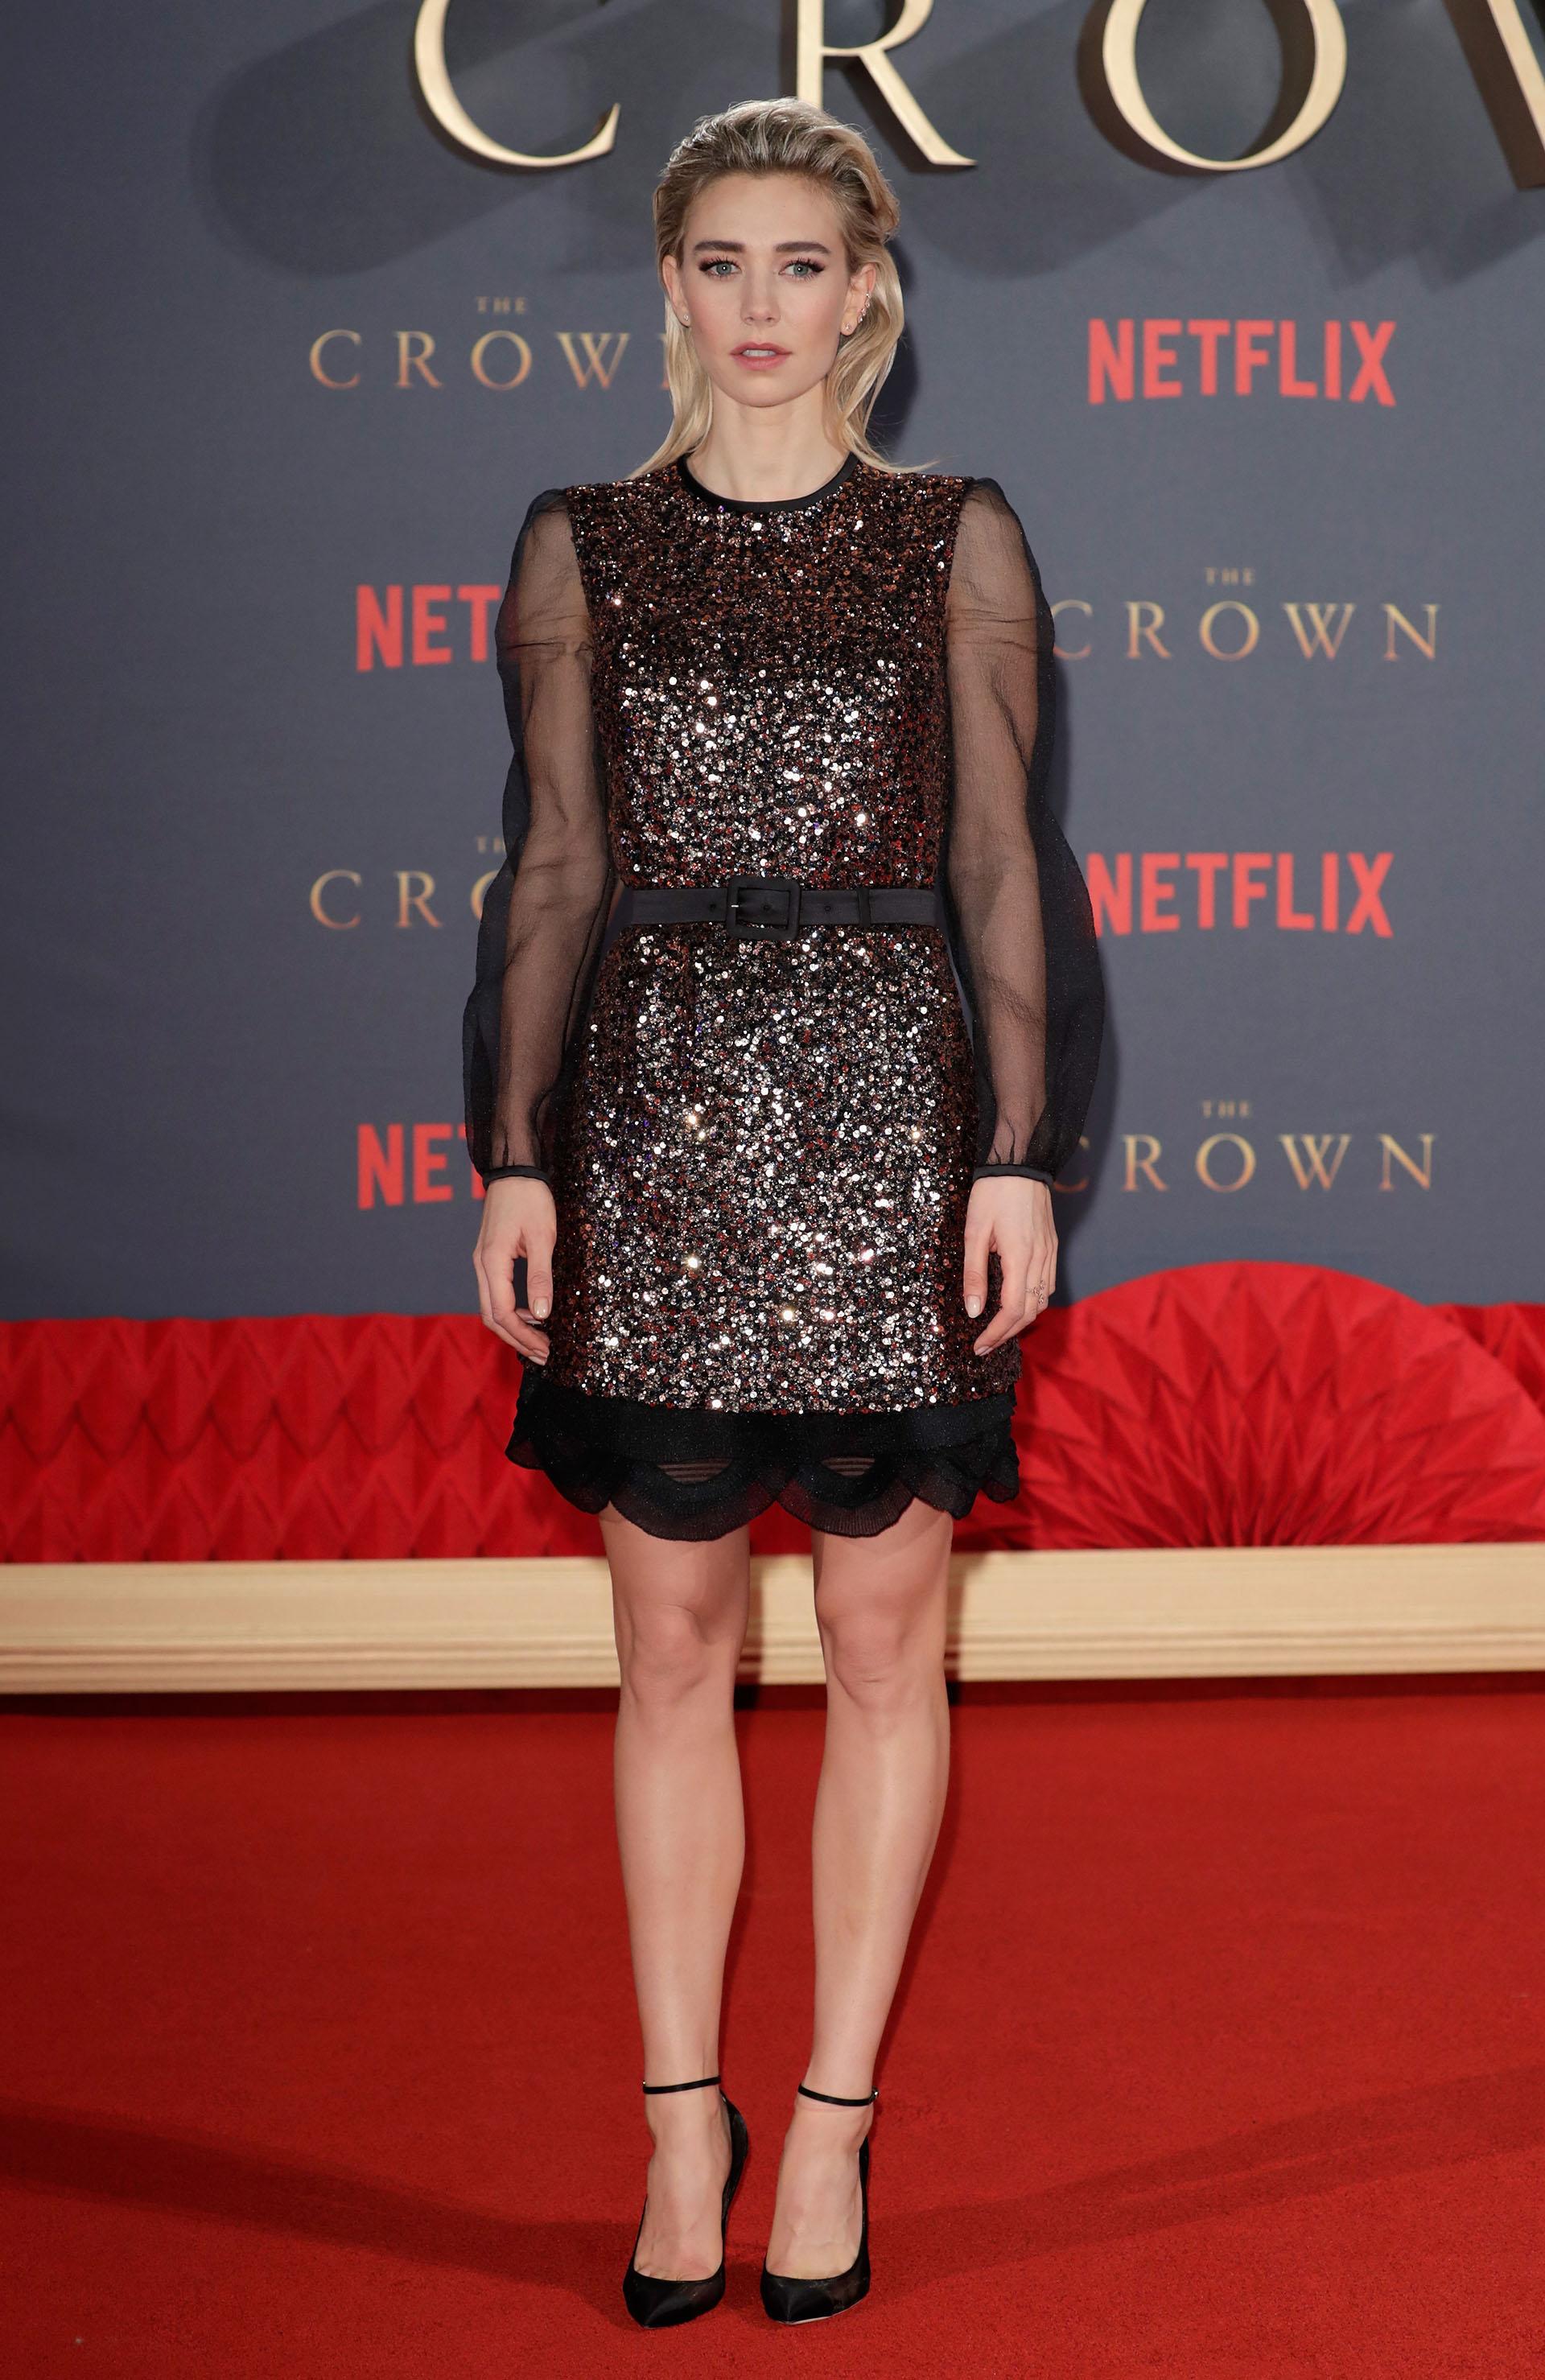 Vanessa Kirby también lució brillos sobre la red carpet aunque eligió un diseño con minifalda